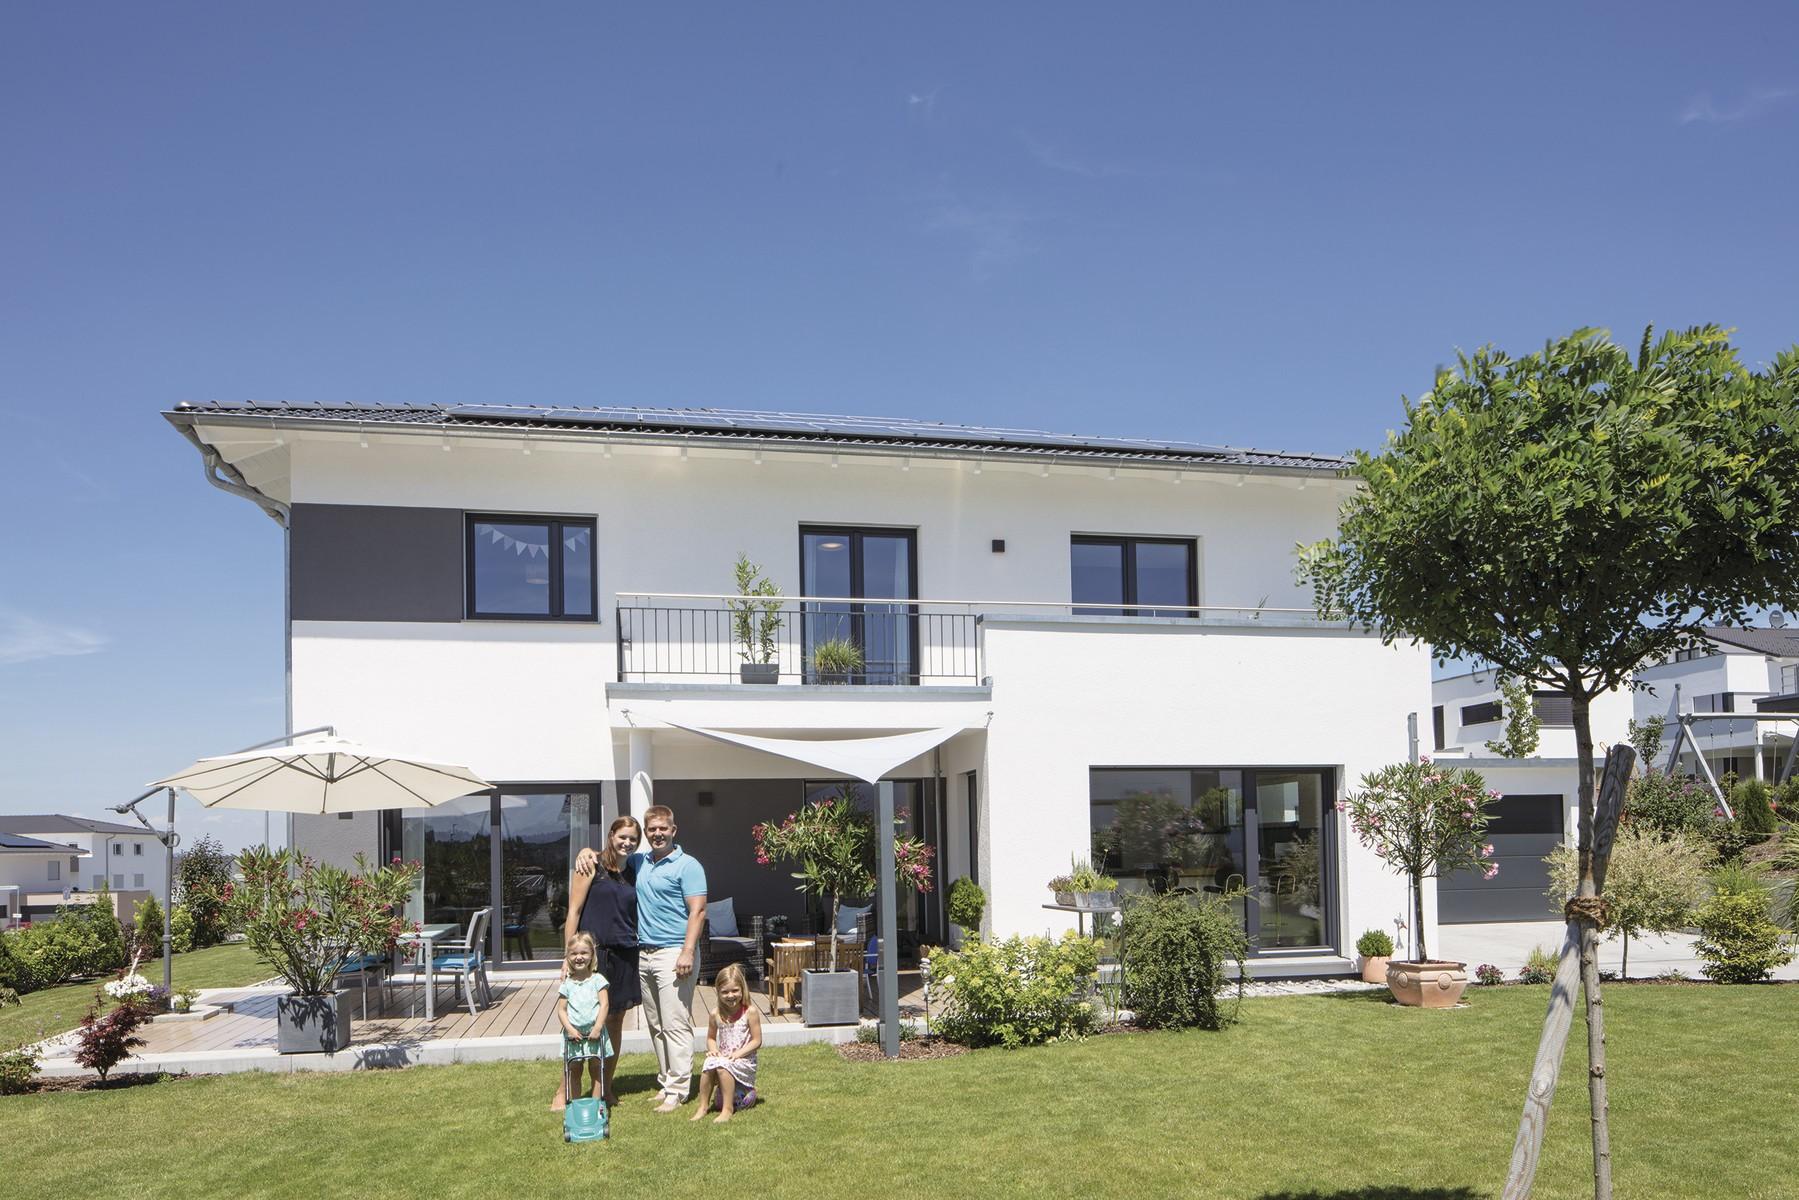 WeberHaus - Modernes Energiewunder mit Stadtvillen-Charakter